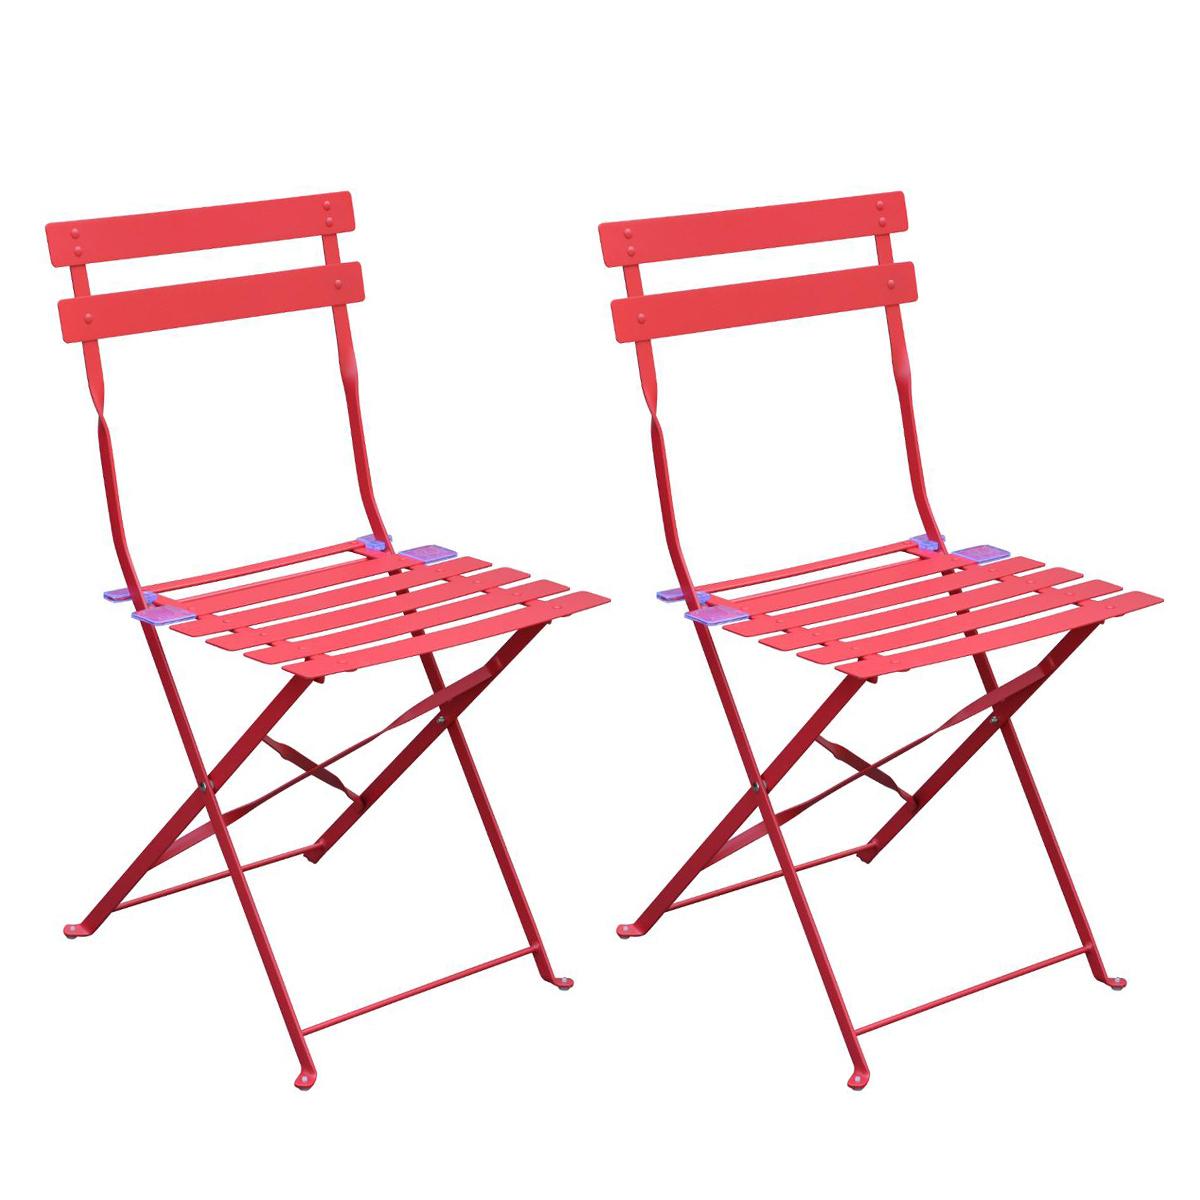 Chaises De Table De Jardin Hesperide Chaise Greensboro ... avec Chaise De Jardin Hesperide